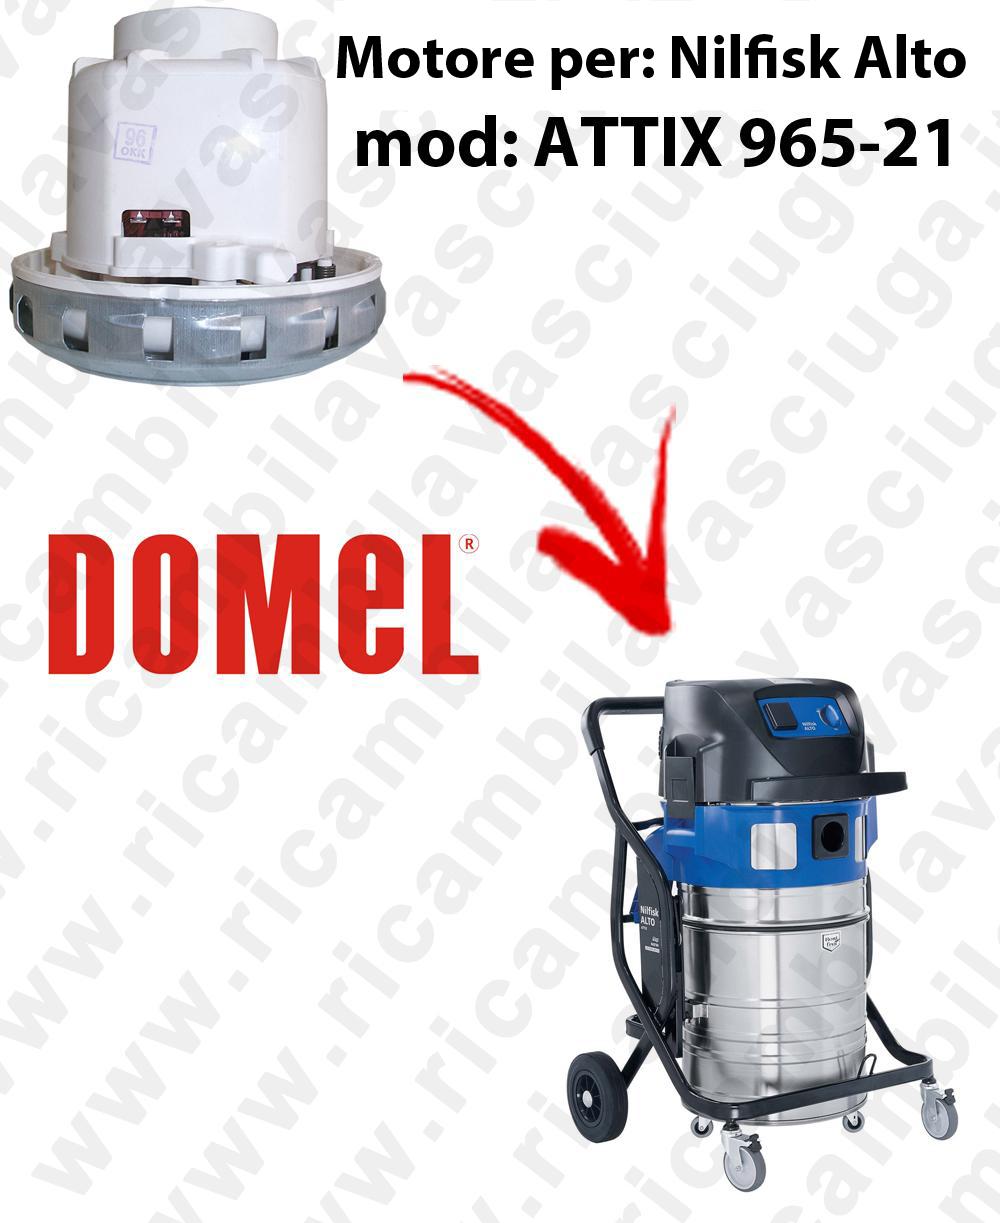 ATTIX 965-21 Saugmotor DOMEL für Staubsauger NILFISK ALTO